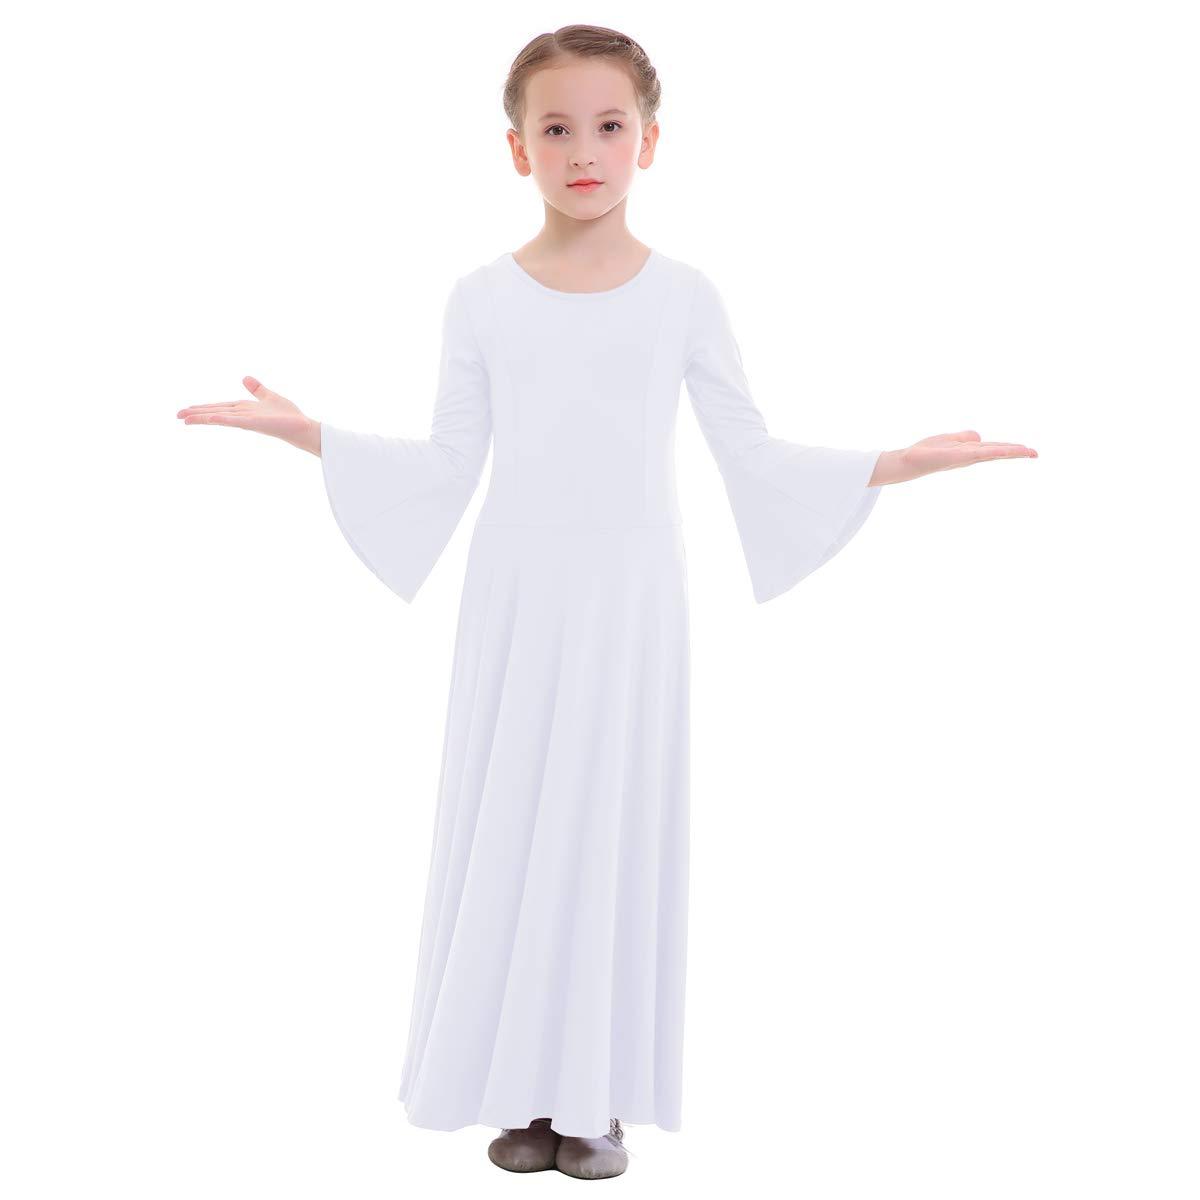 IWEMEK DRESS ガールズ B07FKNFKV5 9-10 White - Bell Sleeve White - Bell Sleeve 43718